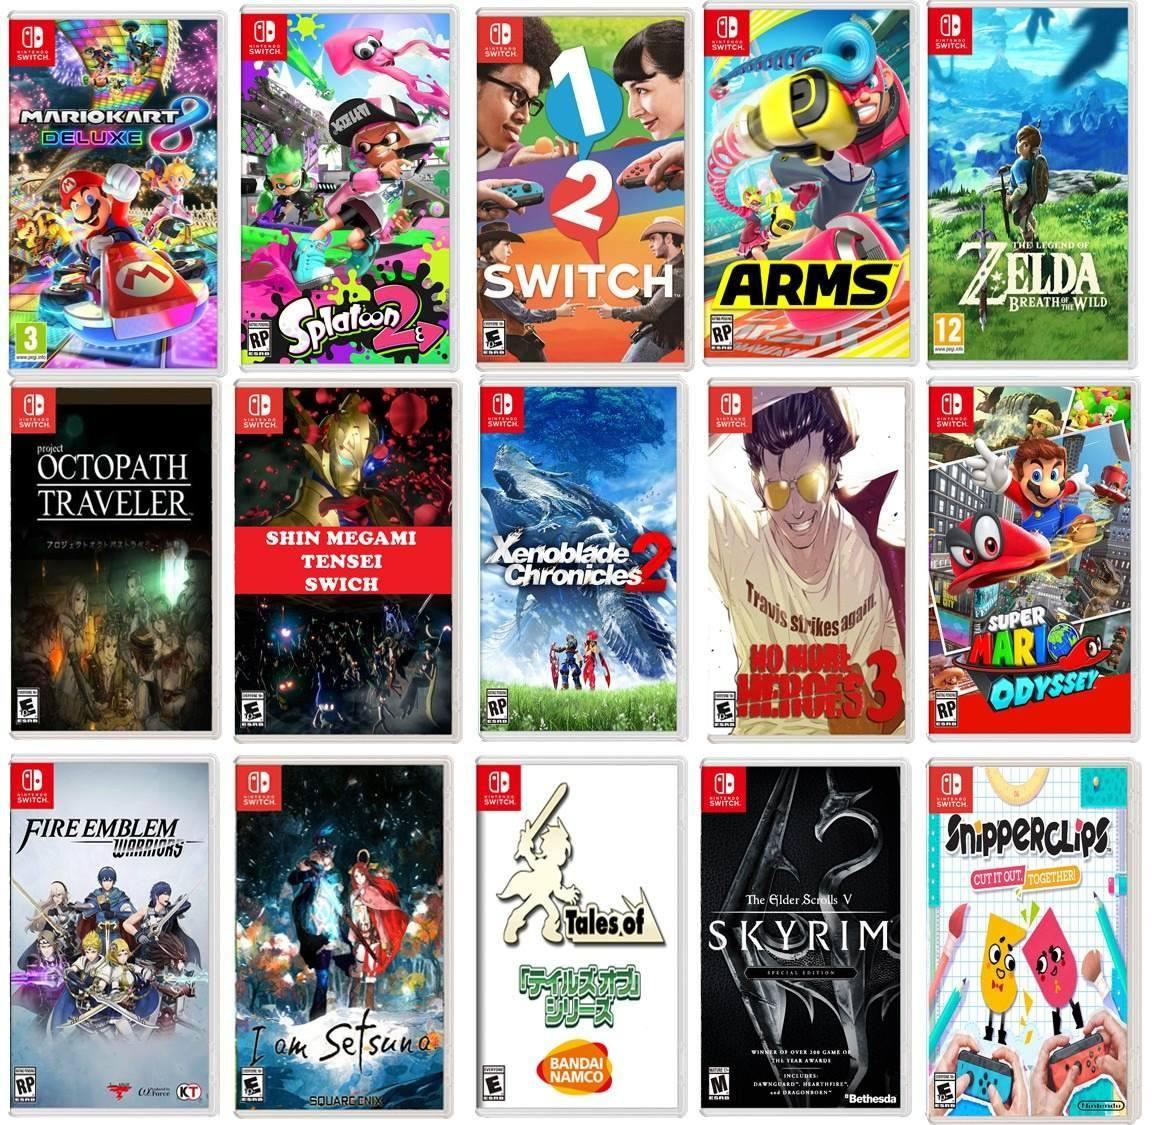 Juegos De Nintendo Switch Version Digital Bs 198 000 00 En